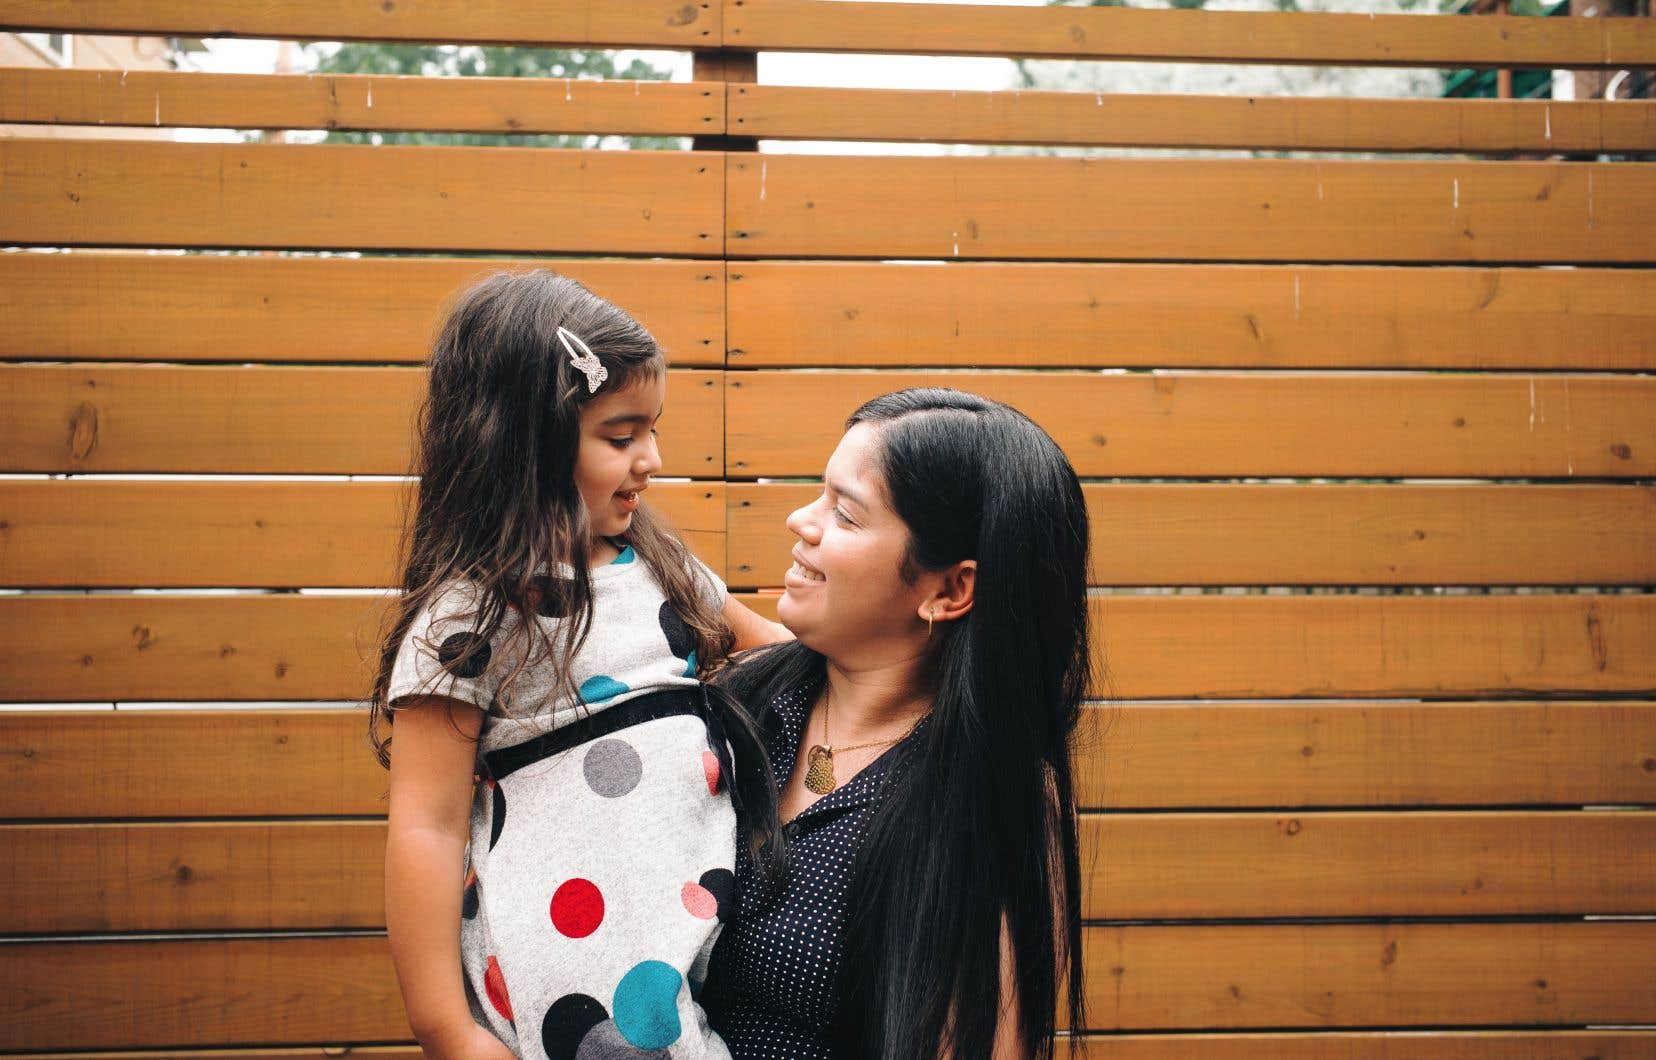 Keila Lugo, photographiée ici avec sa fille, explique les difficultés que les demandeurs de statut de réfugié rencontrent lorsqu'ils doivent changer leur nouvelle adresse après un déménagement.